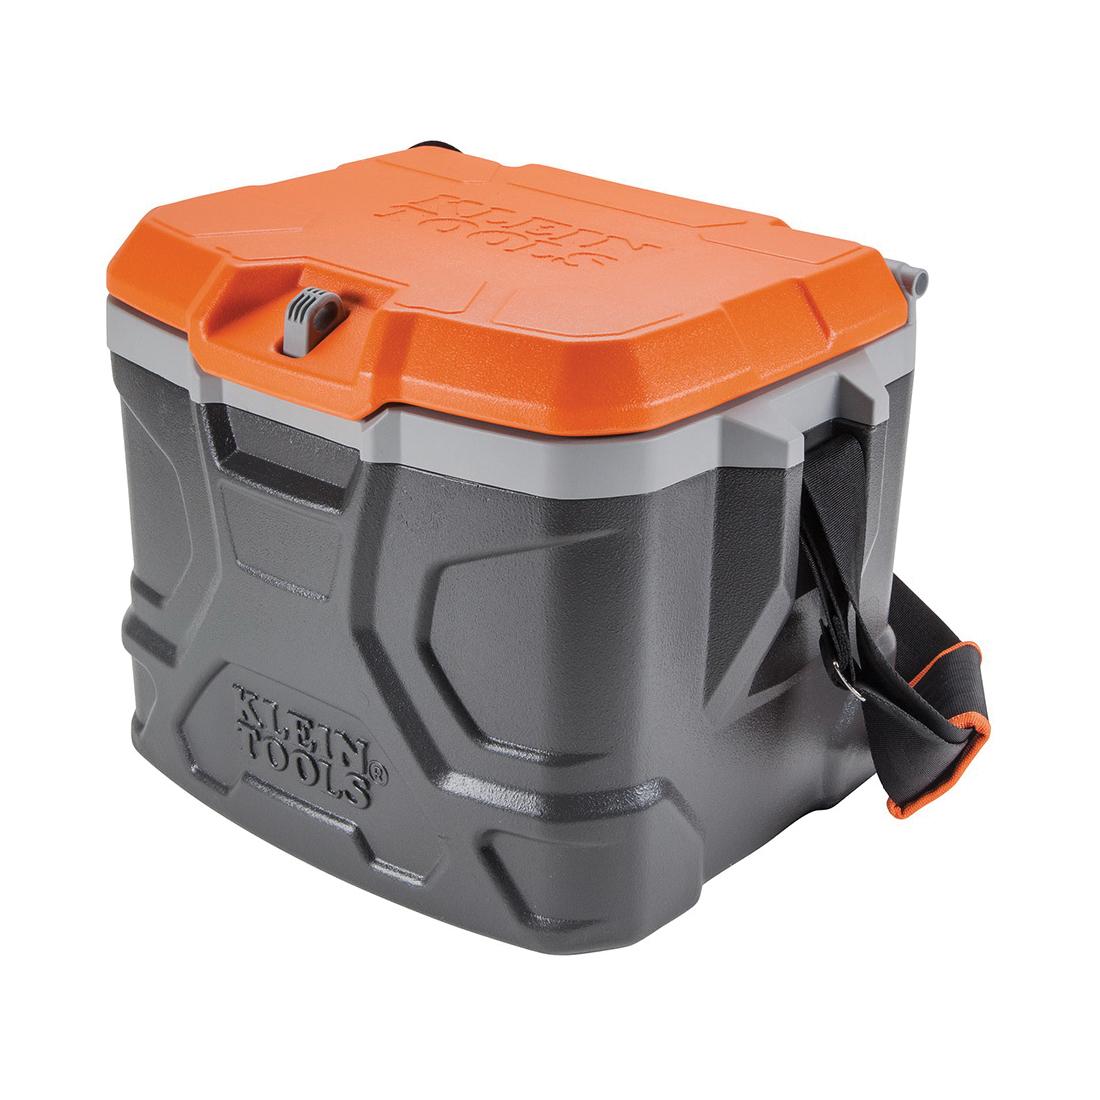 Tradesman Pro™ 55600-5